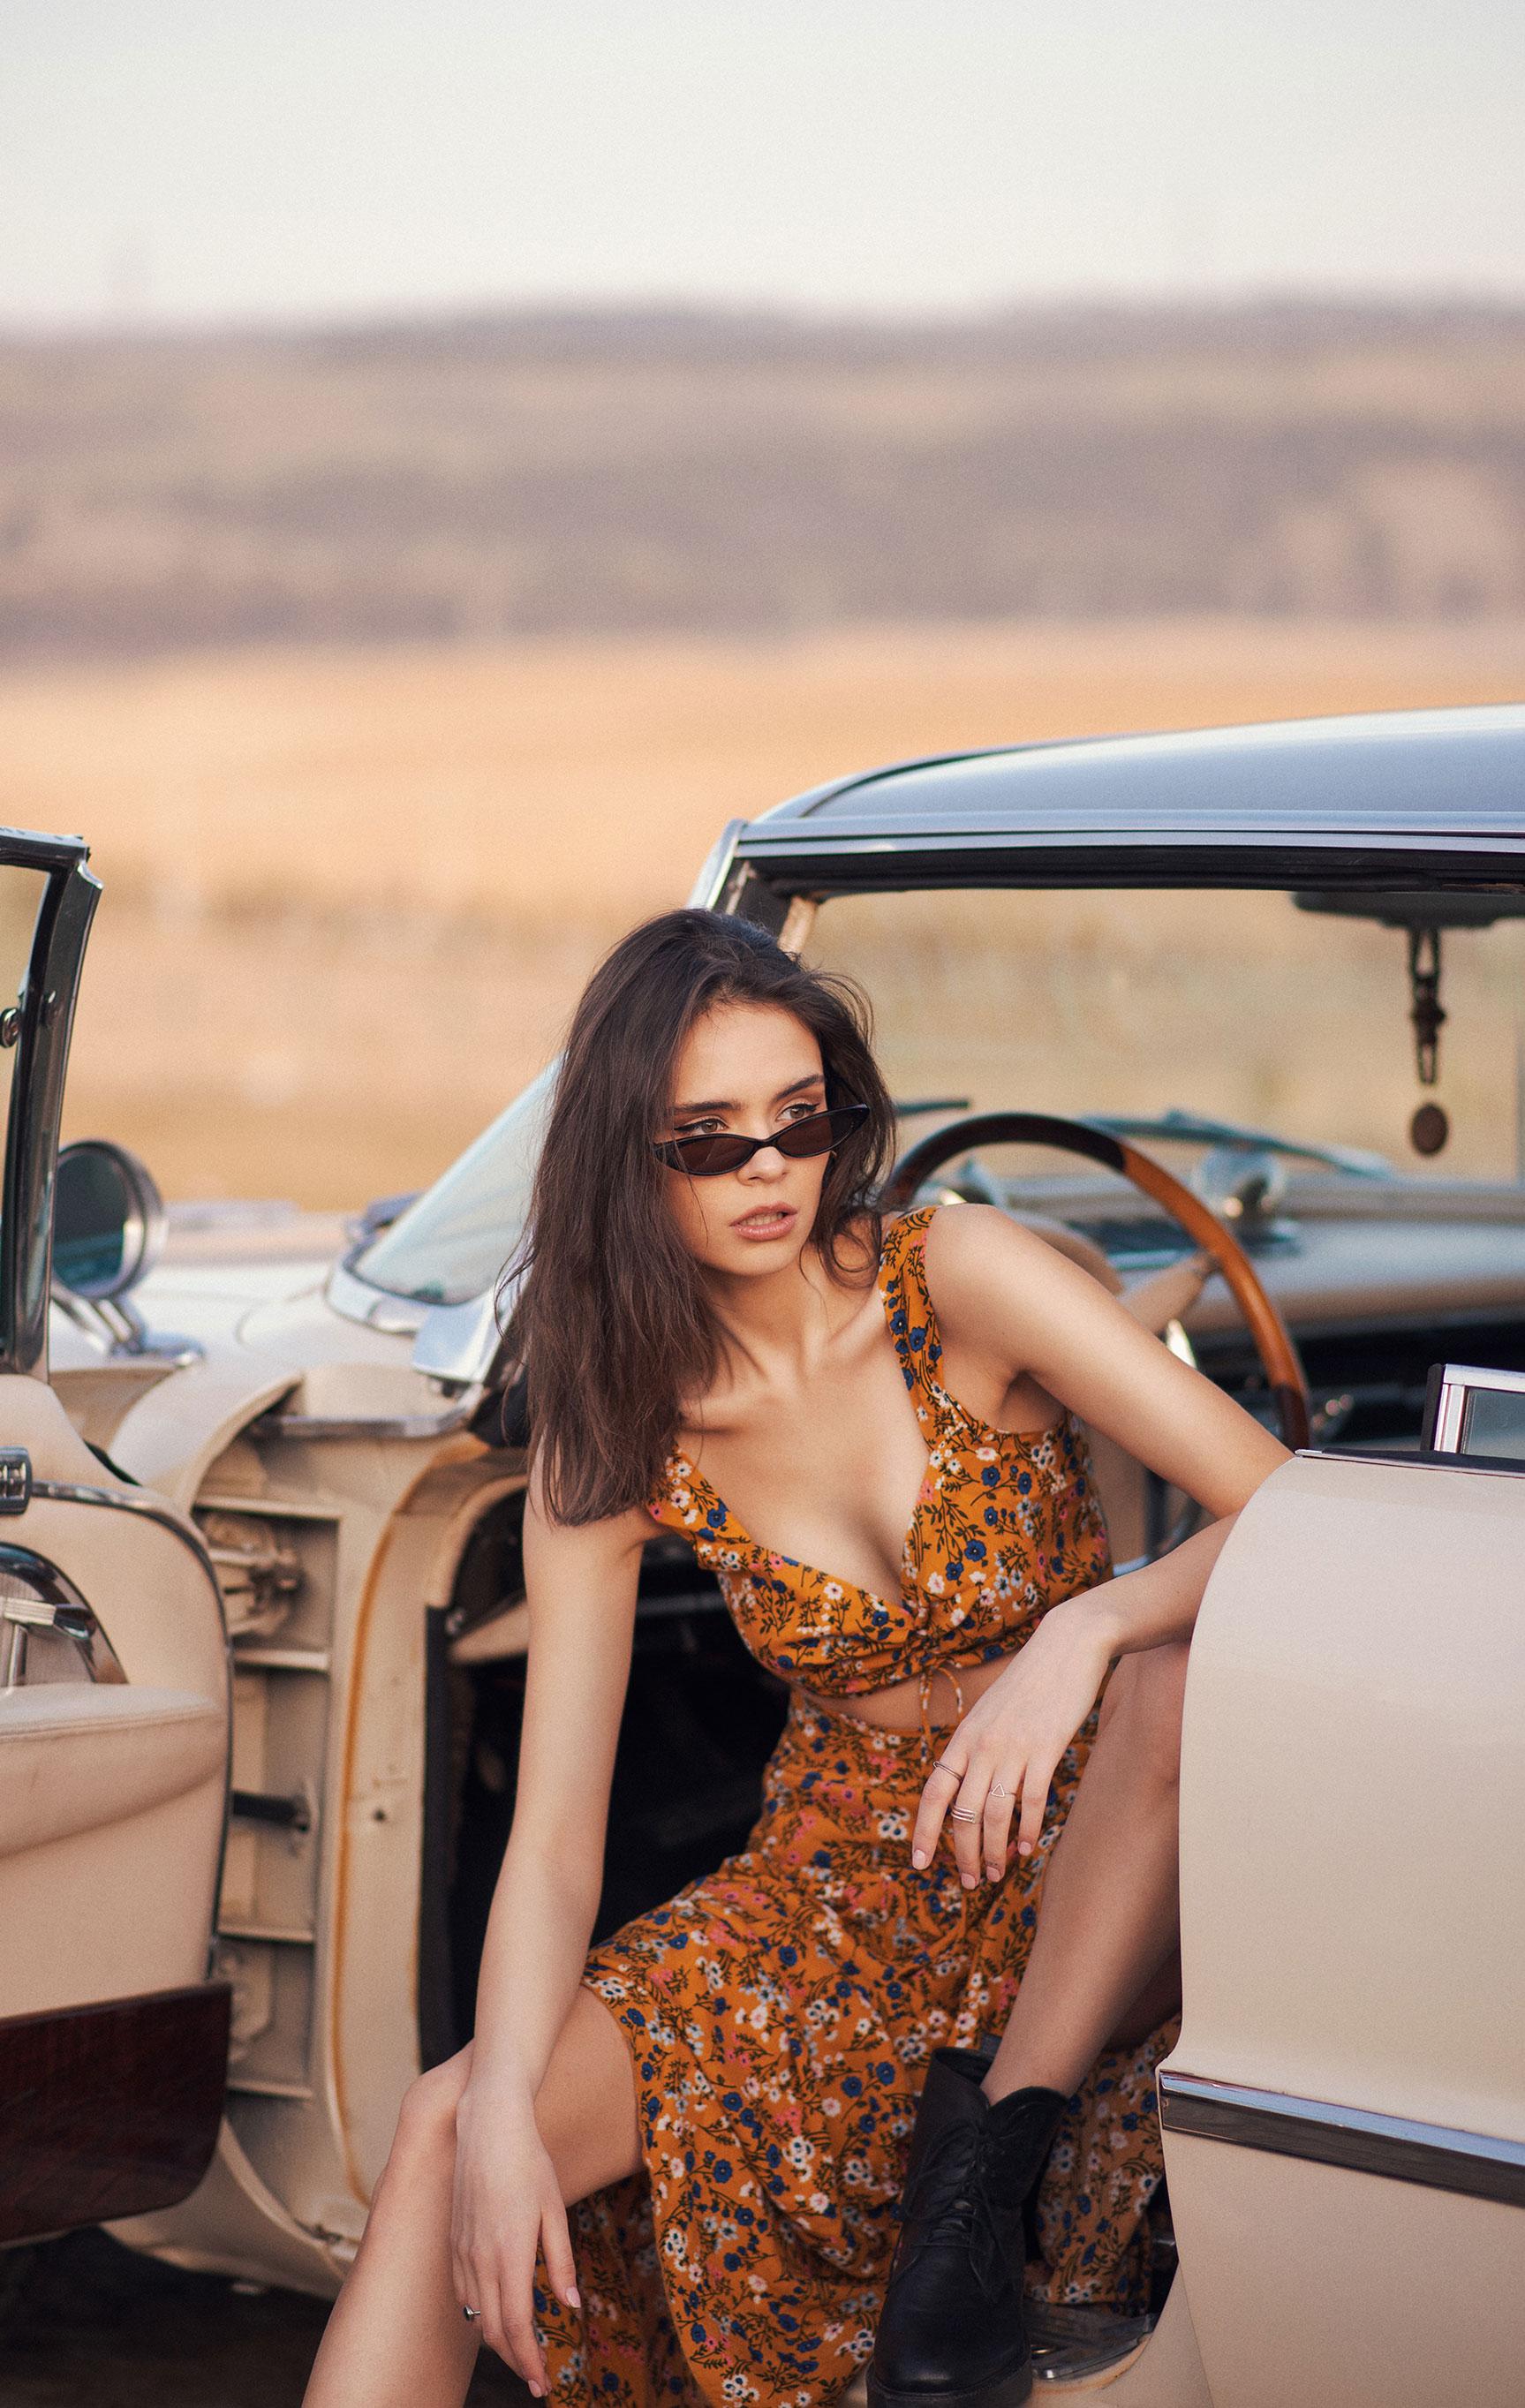 Диана Катова с подругой совершают автопробег по пустыне / фото 02